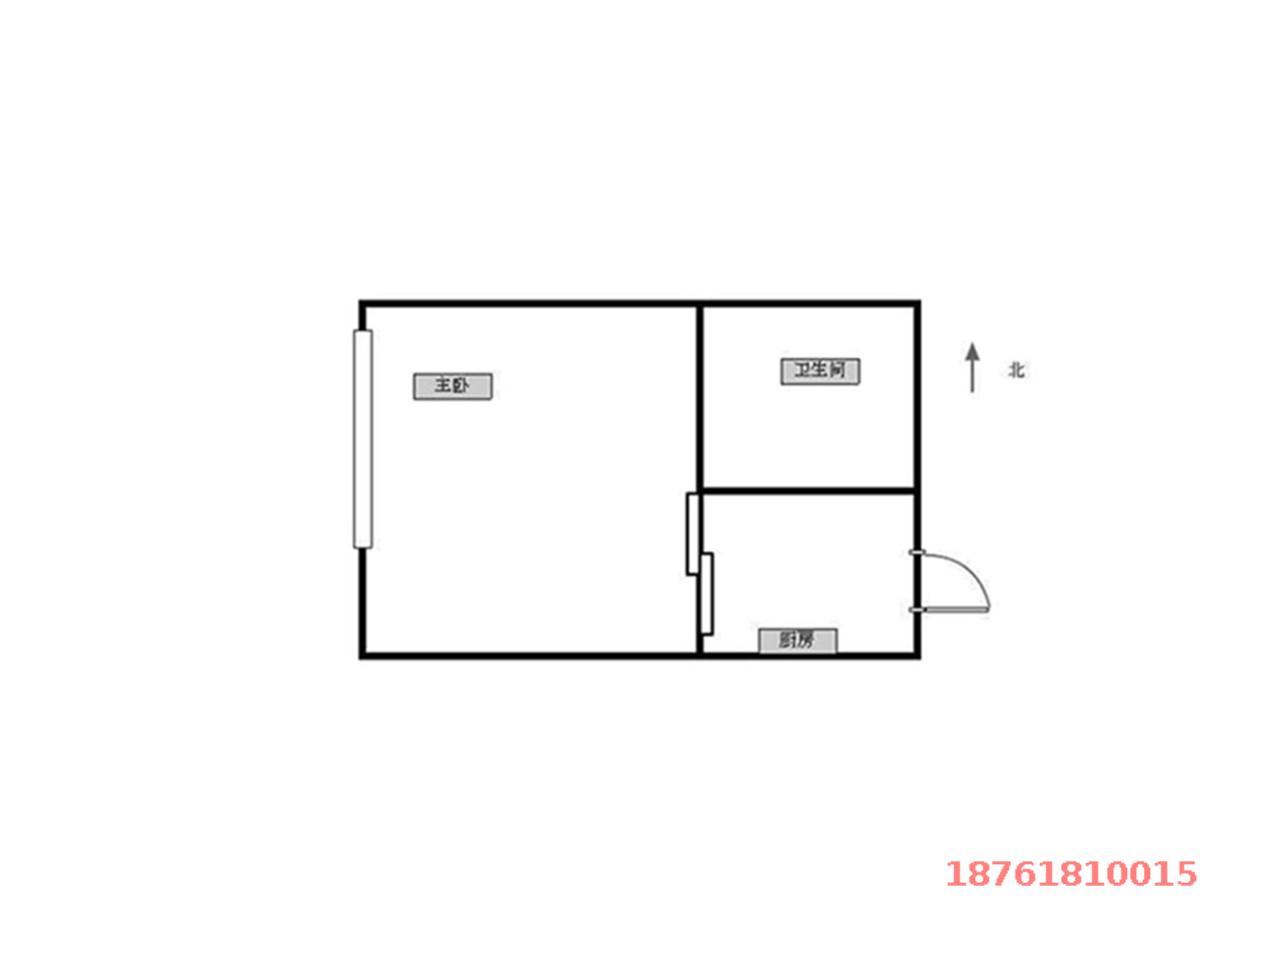 江宁区将军大道托乐嘉单身公寓1室1厅户型图